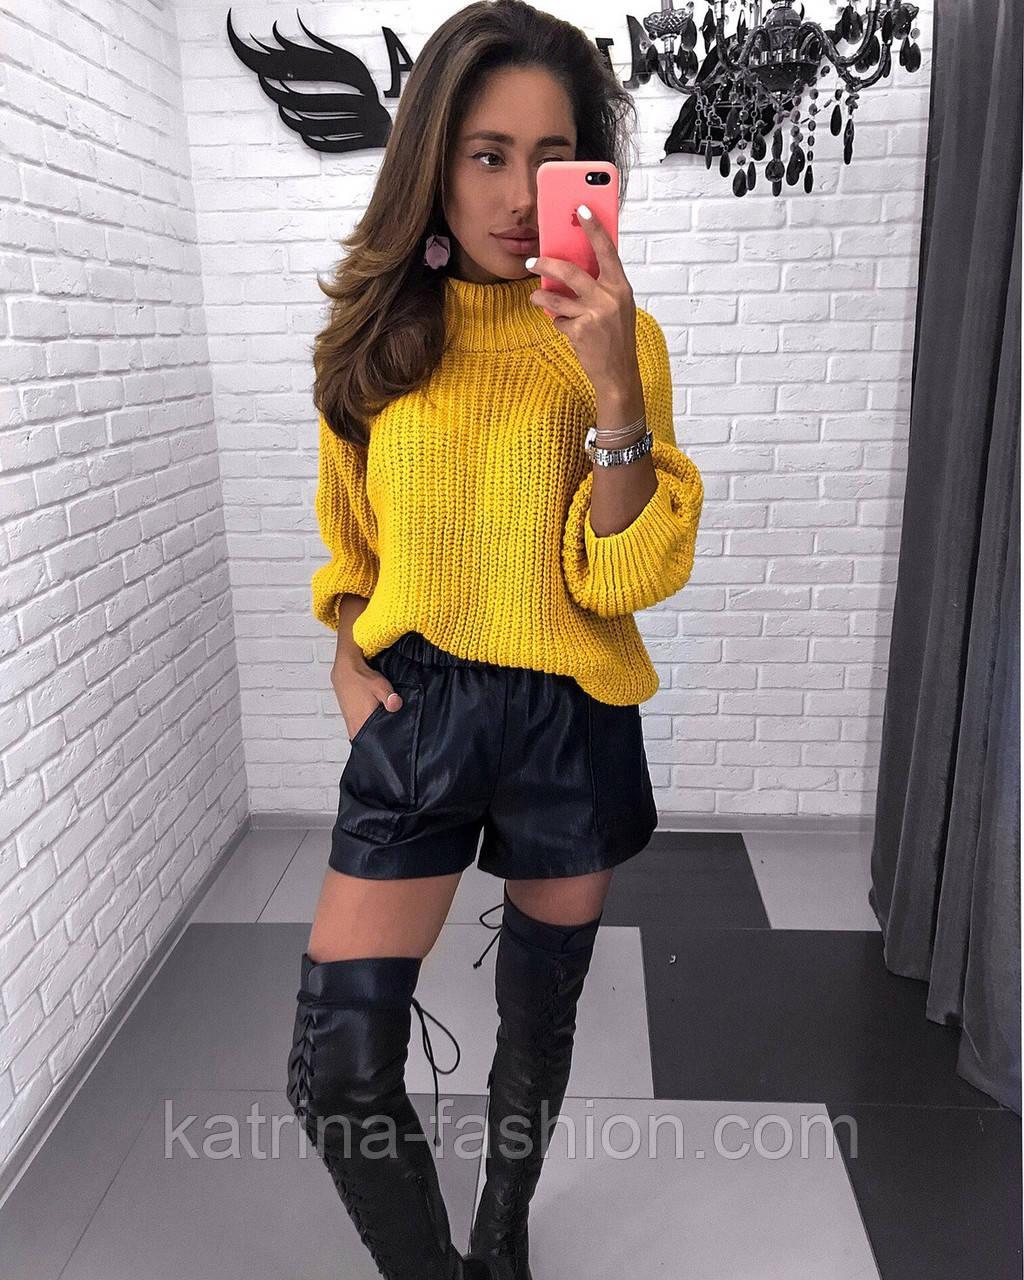 Женский стильный свитер / джемпер объемной вязки свободного кроя (разные цвета)